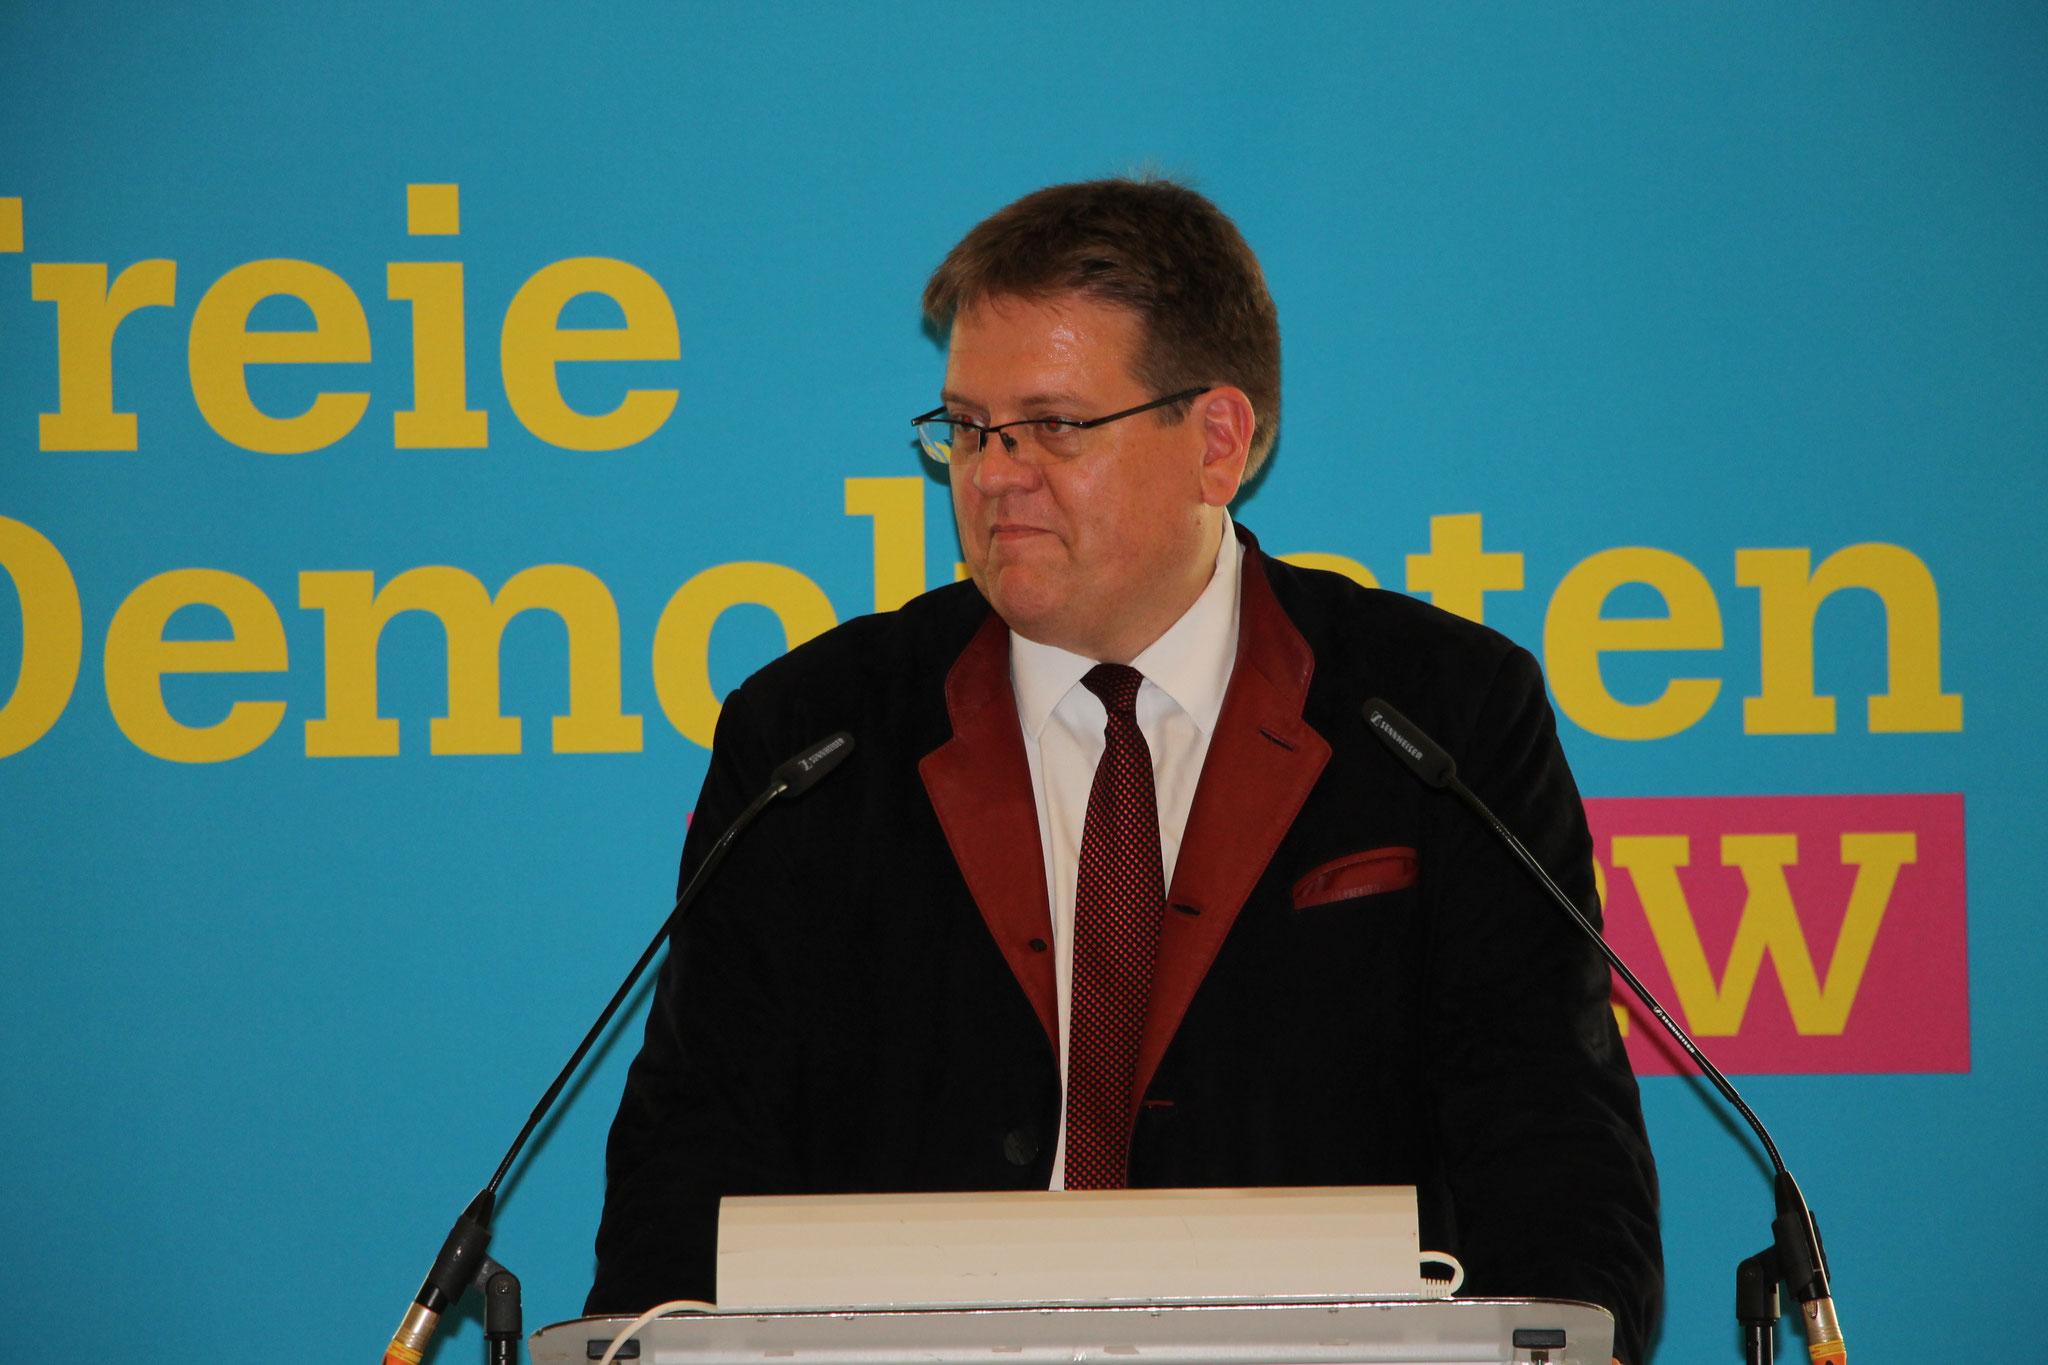 Verleihung des Willi-Weyer-Preises an W. Becker-Blonigen